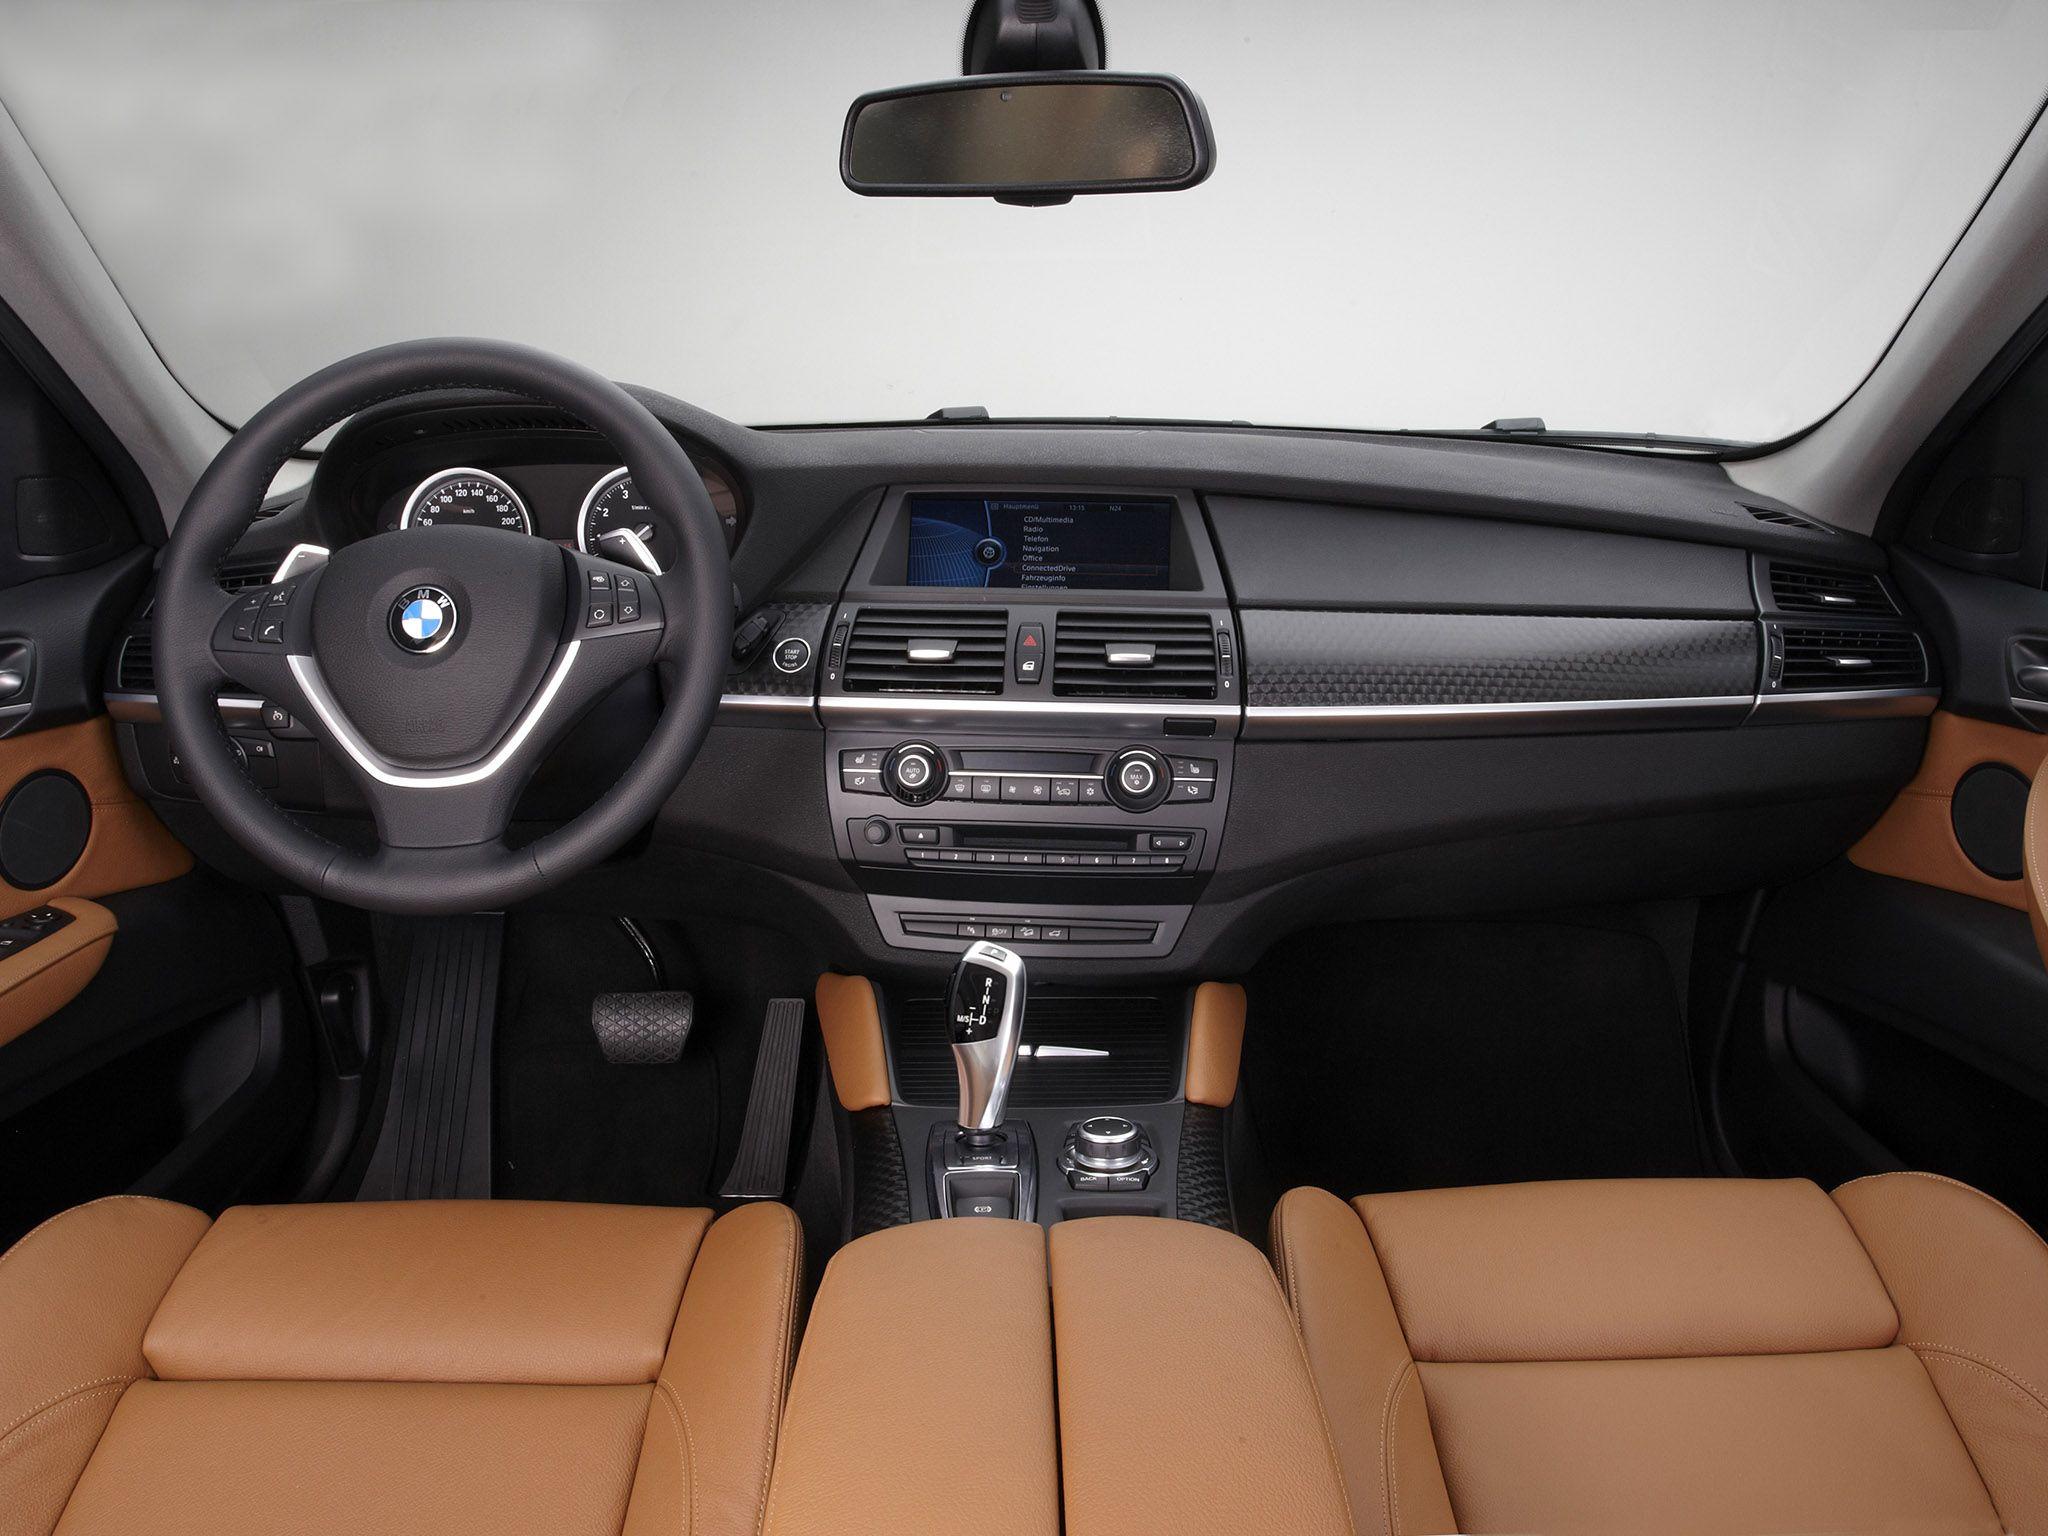 Bmw X6 2012 Bmw X6 Bmw X6 Interior Bmw